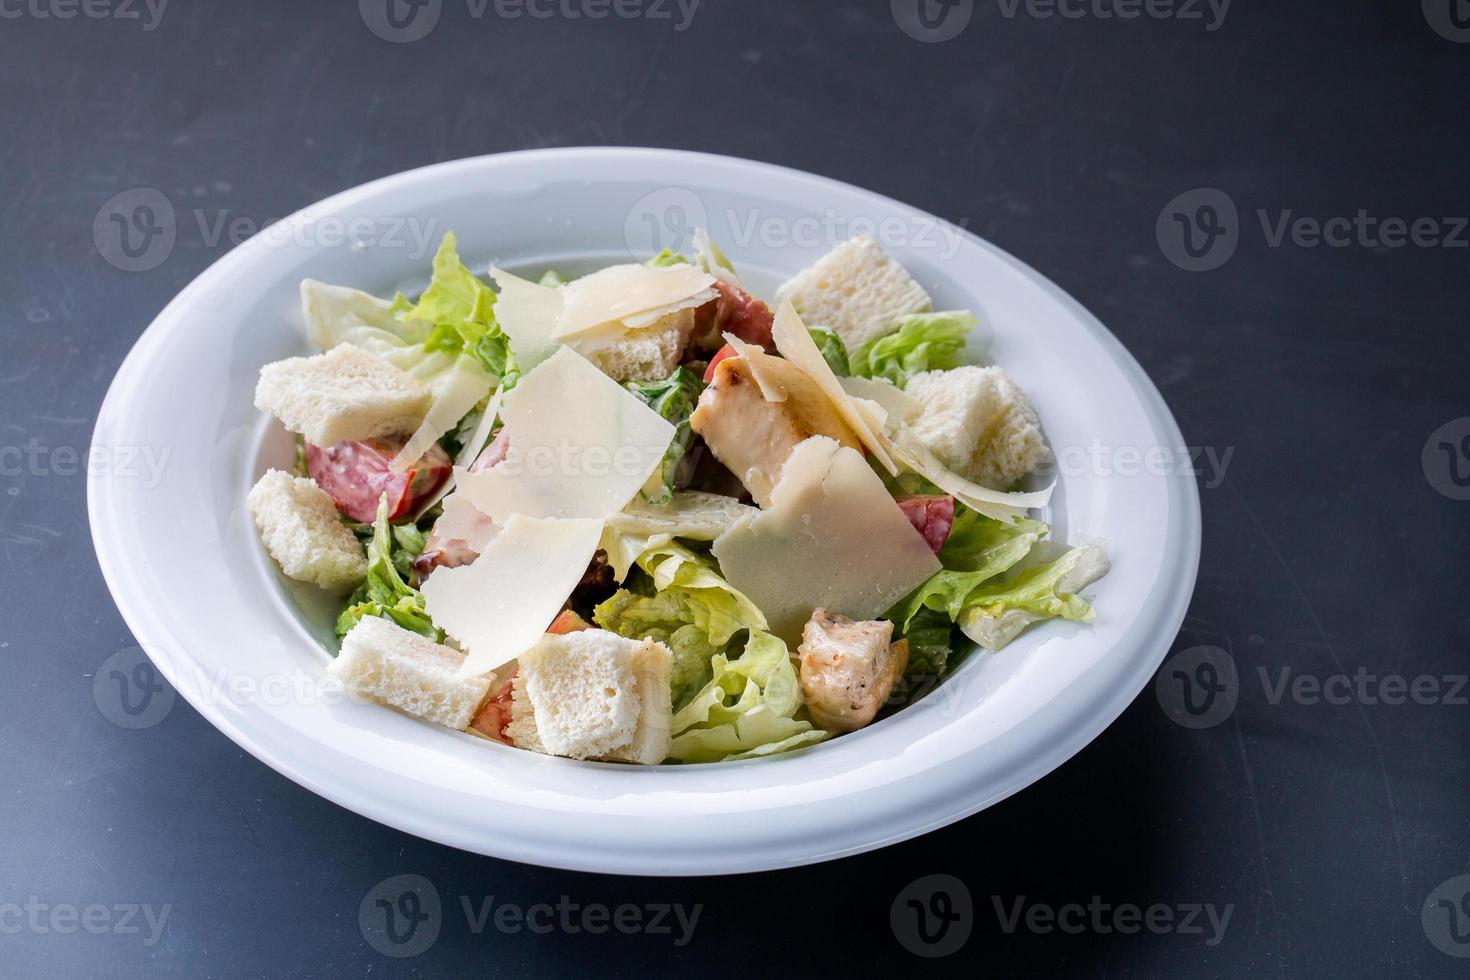 salade césar au poulet grillé sain avec du fromage et des croûtons sur photo